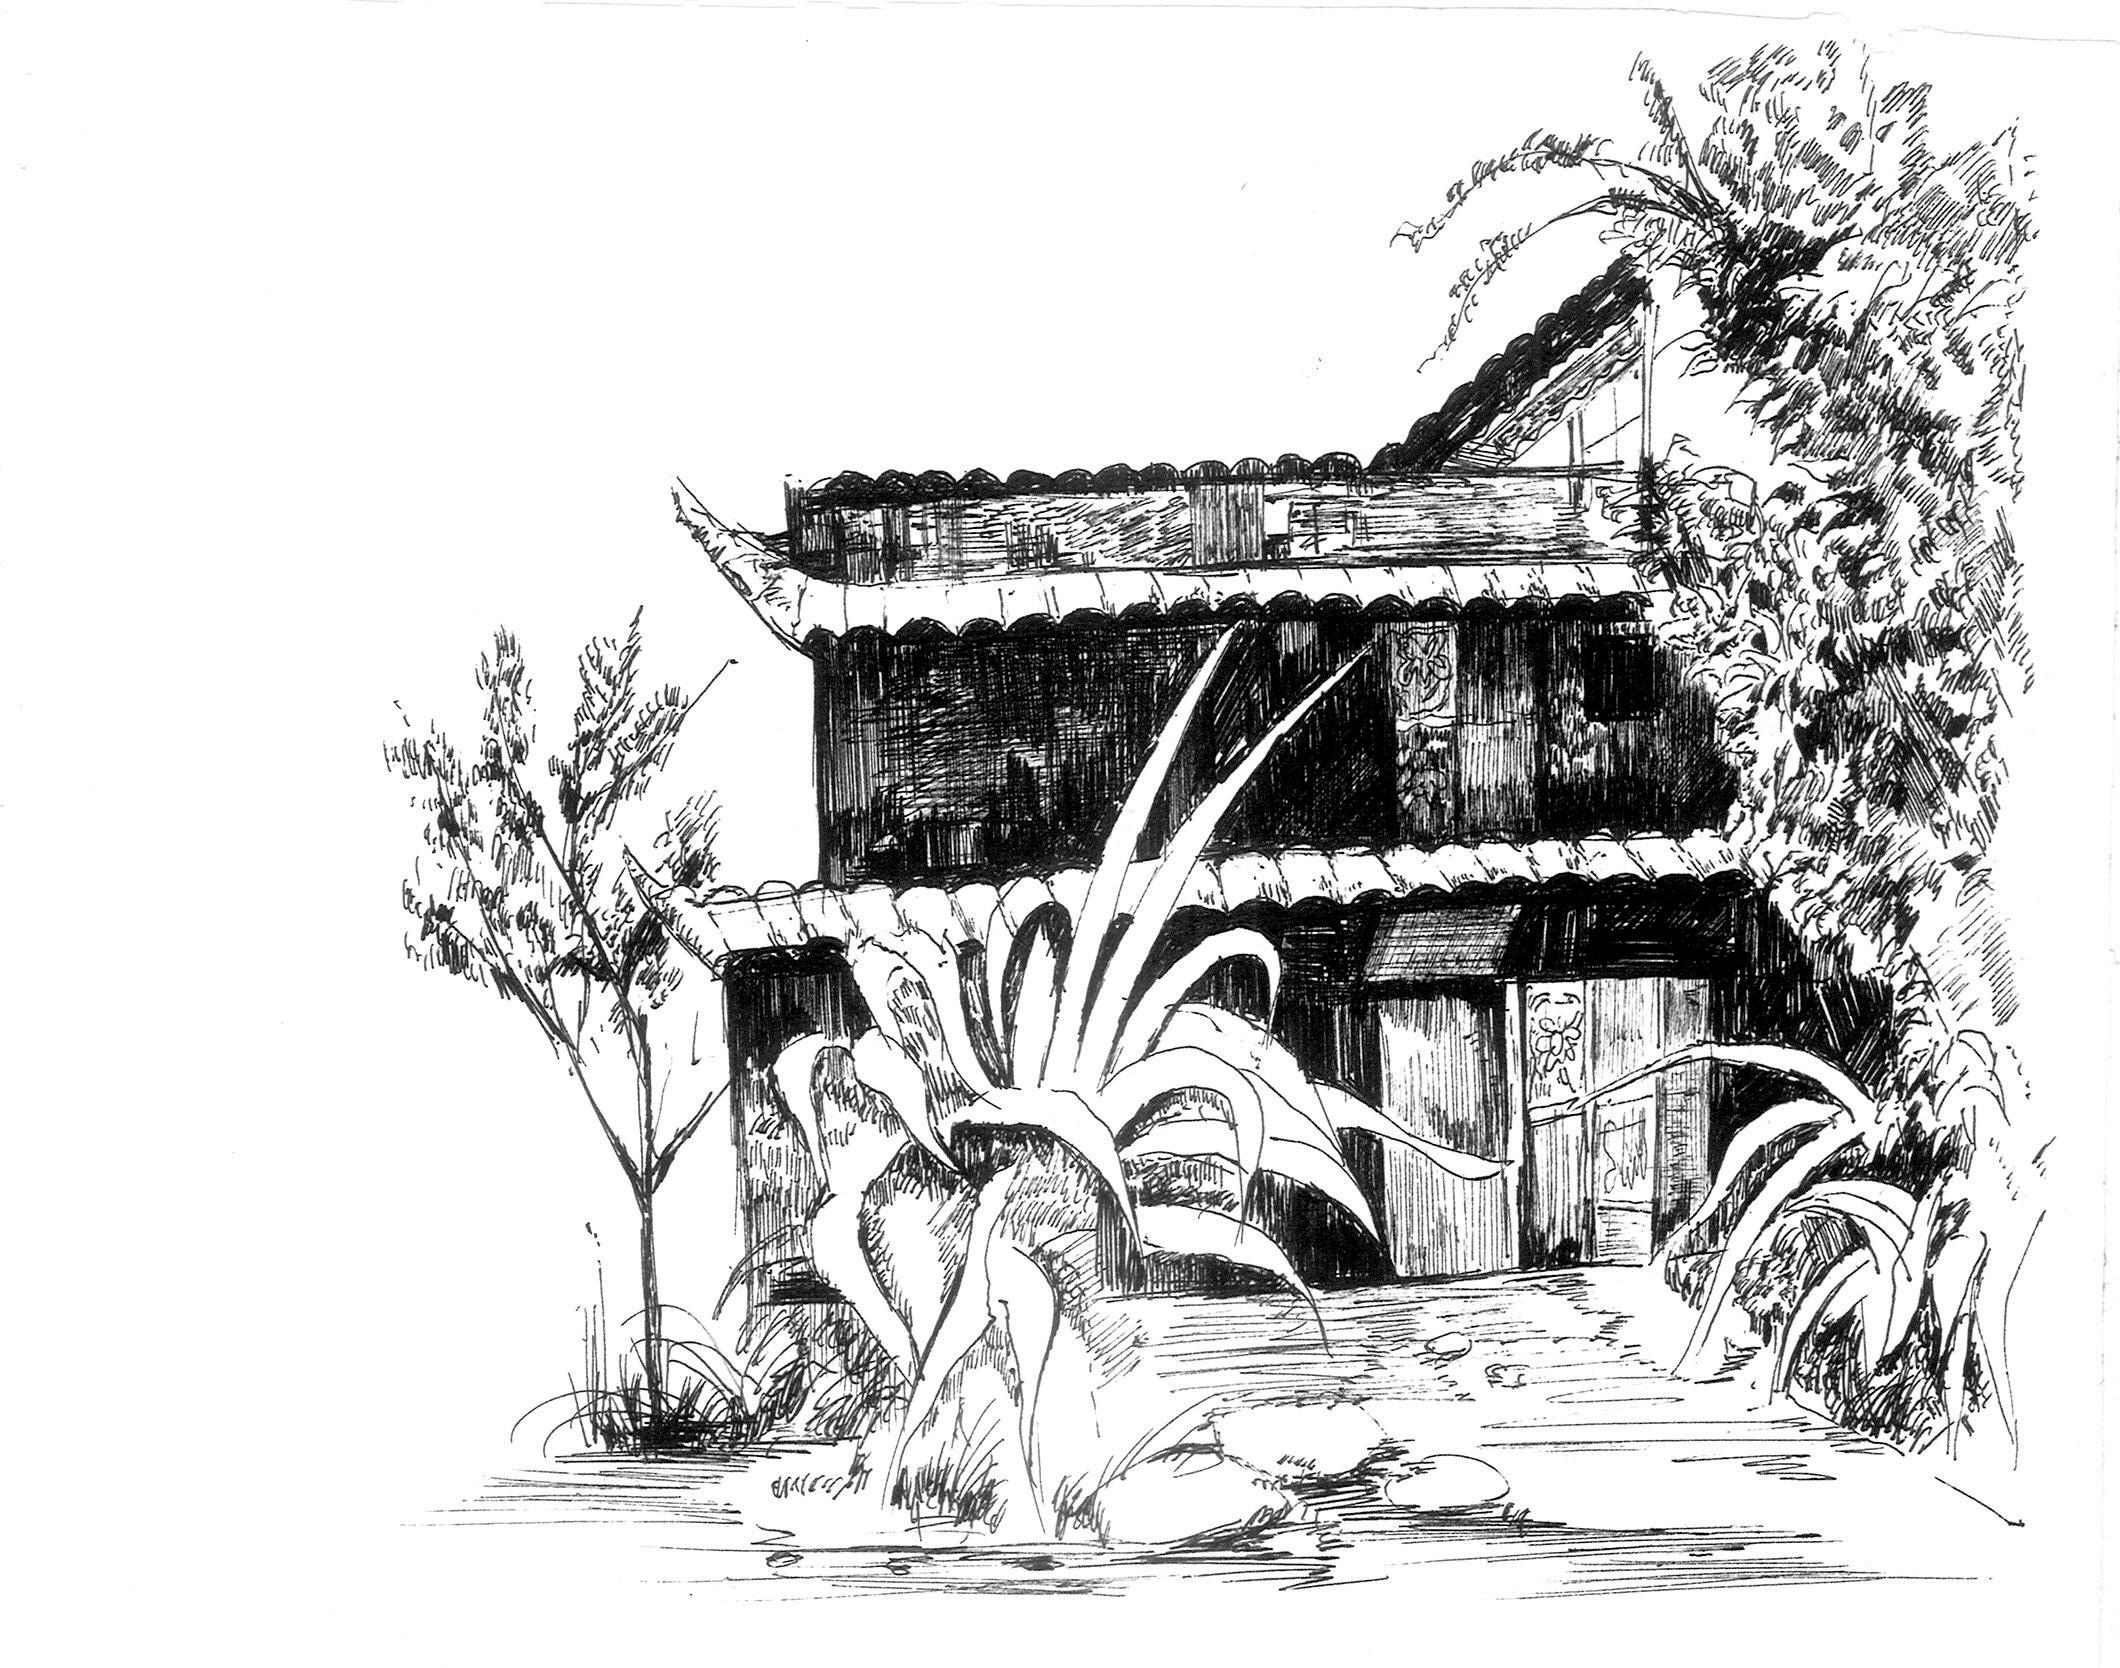 手绘民俗建筑风景